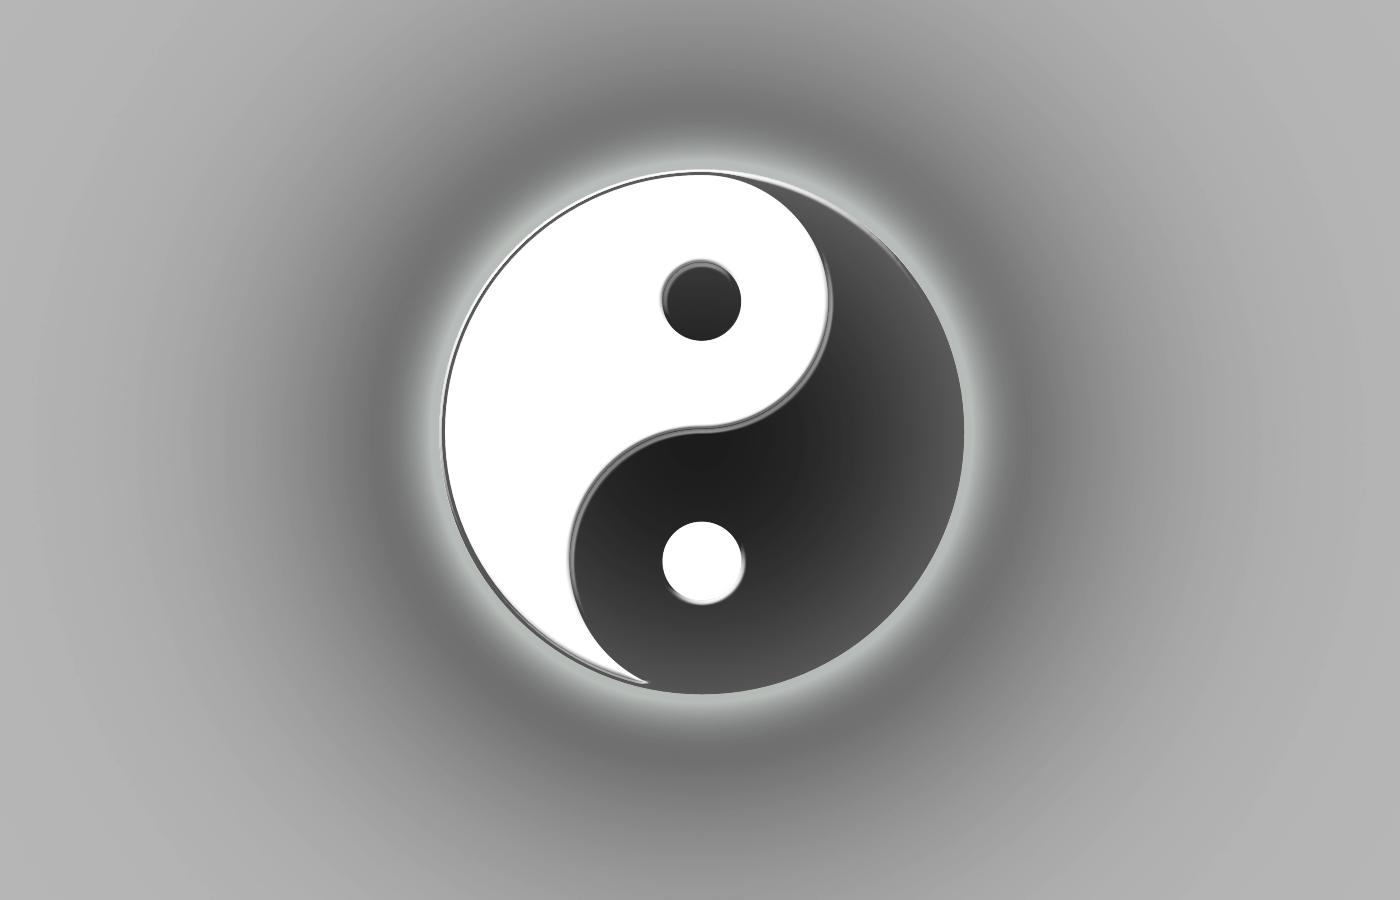 ying yang wallpaper wallpapersafari. Black Bedroom Furniture Sets. Home Design Ideas